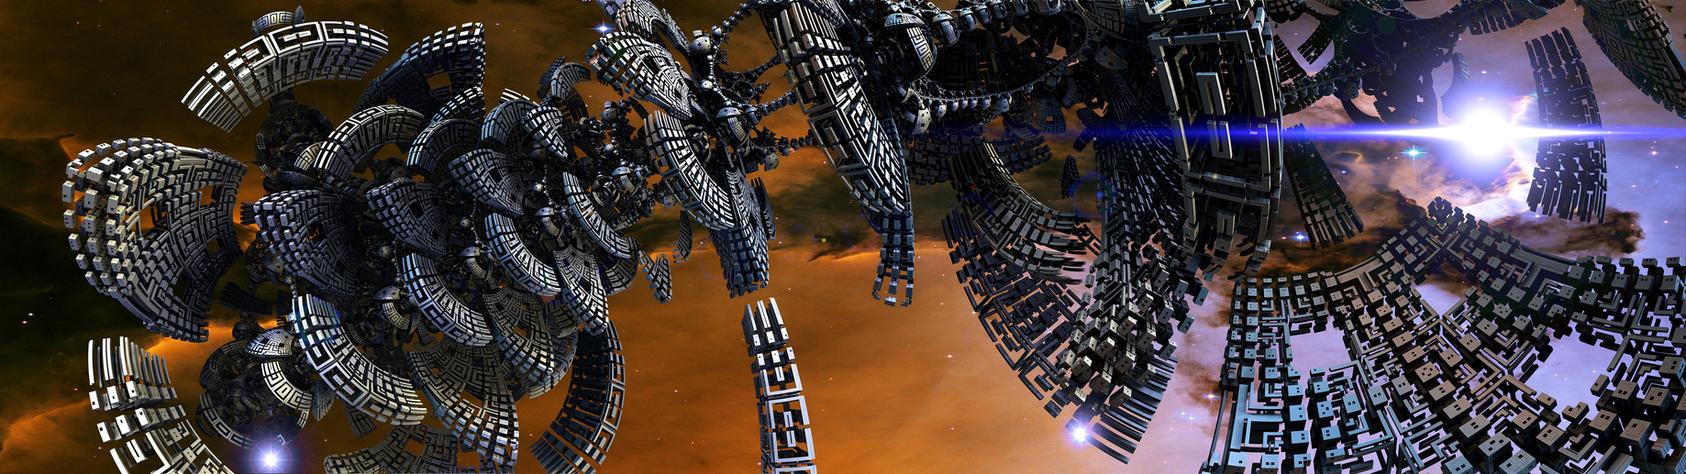 Dual Display Fractal Sci-fi II by GrahamSym